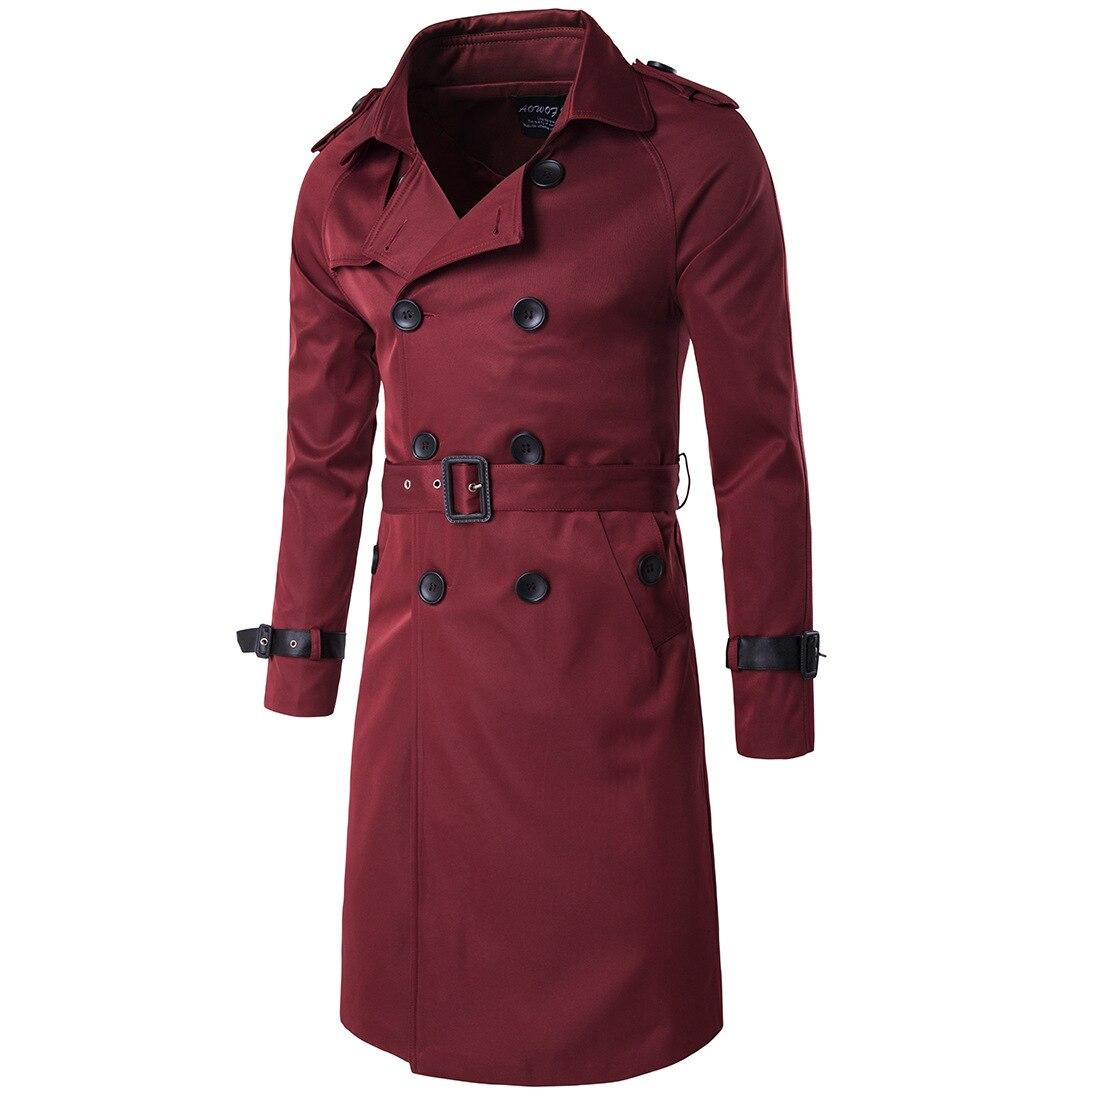 НОВЫЙ Тренч, Мужская брендовая одежда, высокое качество, мужской Тренч, новинка 2017, модное дизайнерское мужское длинное пальто, Осень зима - 4